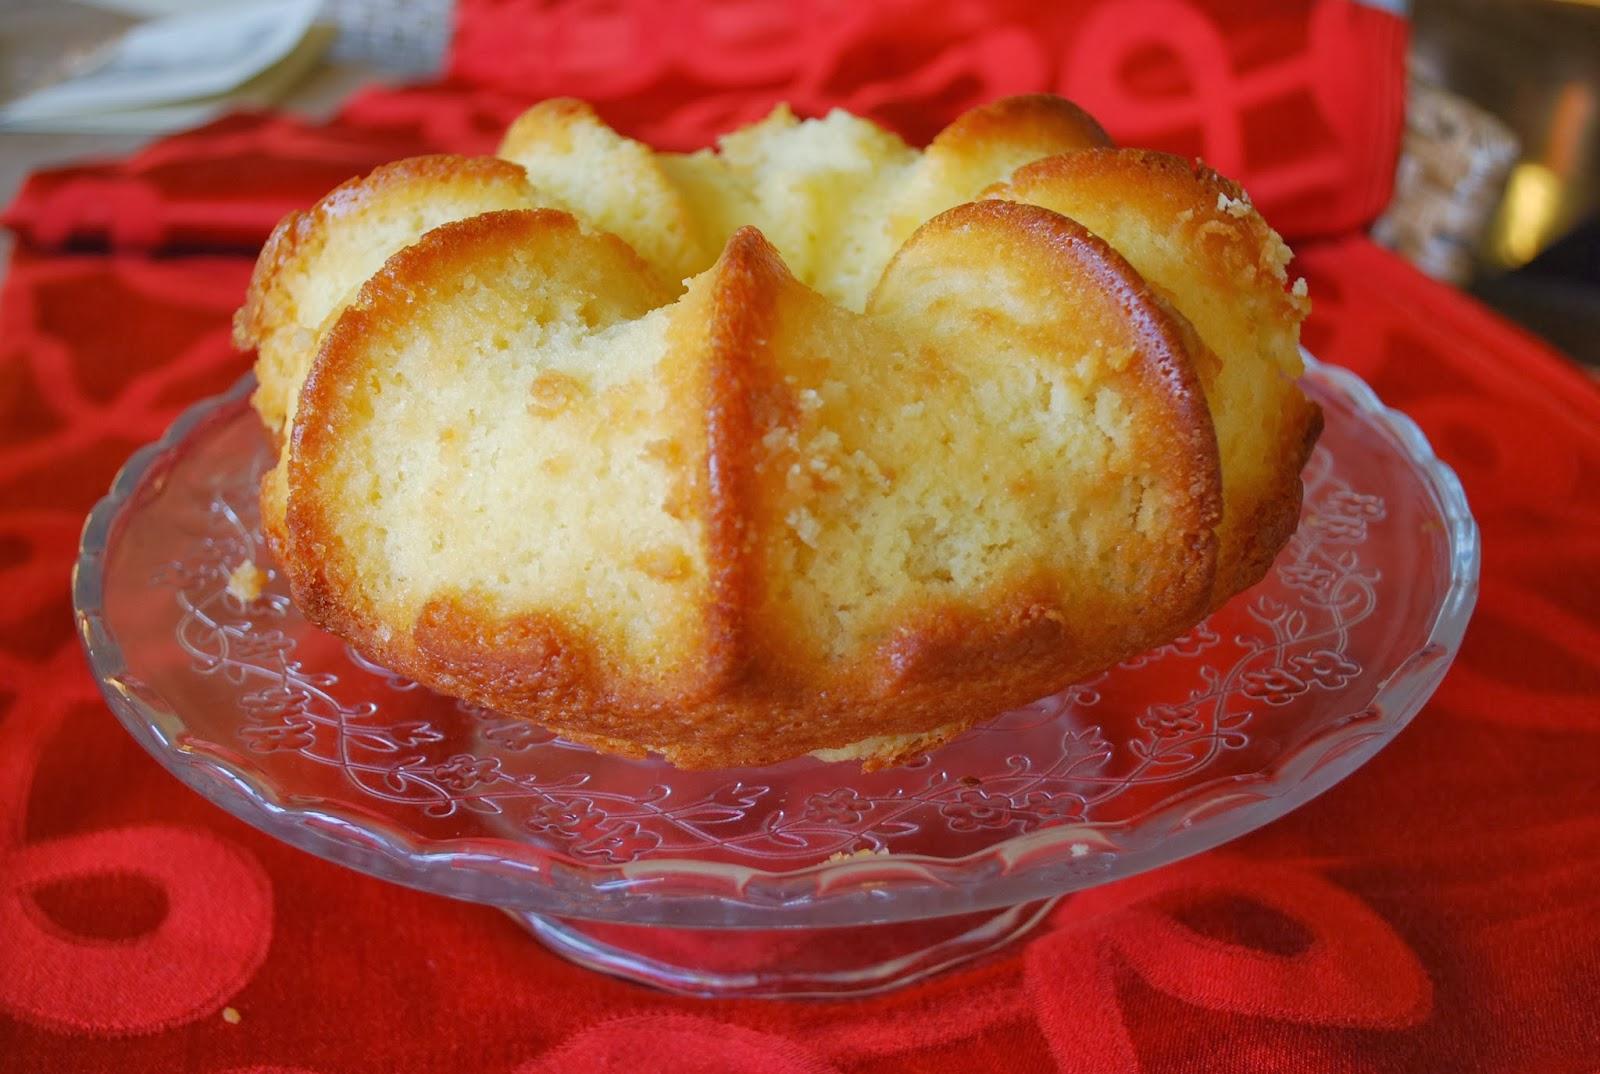 Torte Da Credenza Definizione : La signora dei biscotti torte da credenza ciambellone allo yogurt